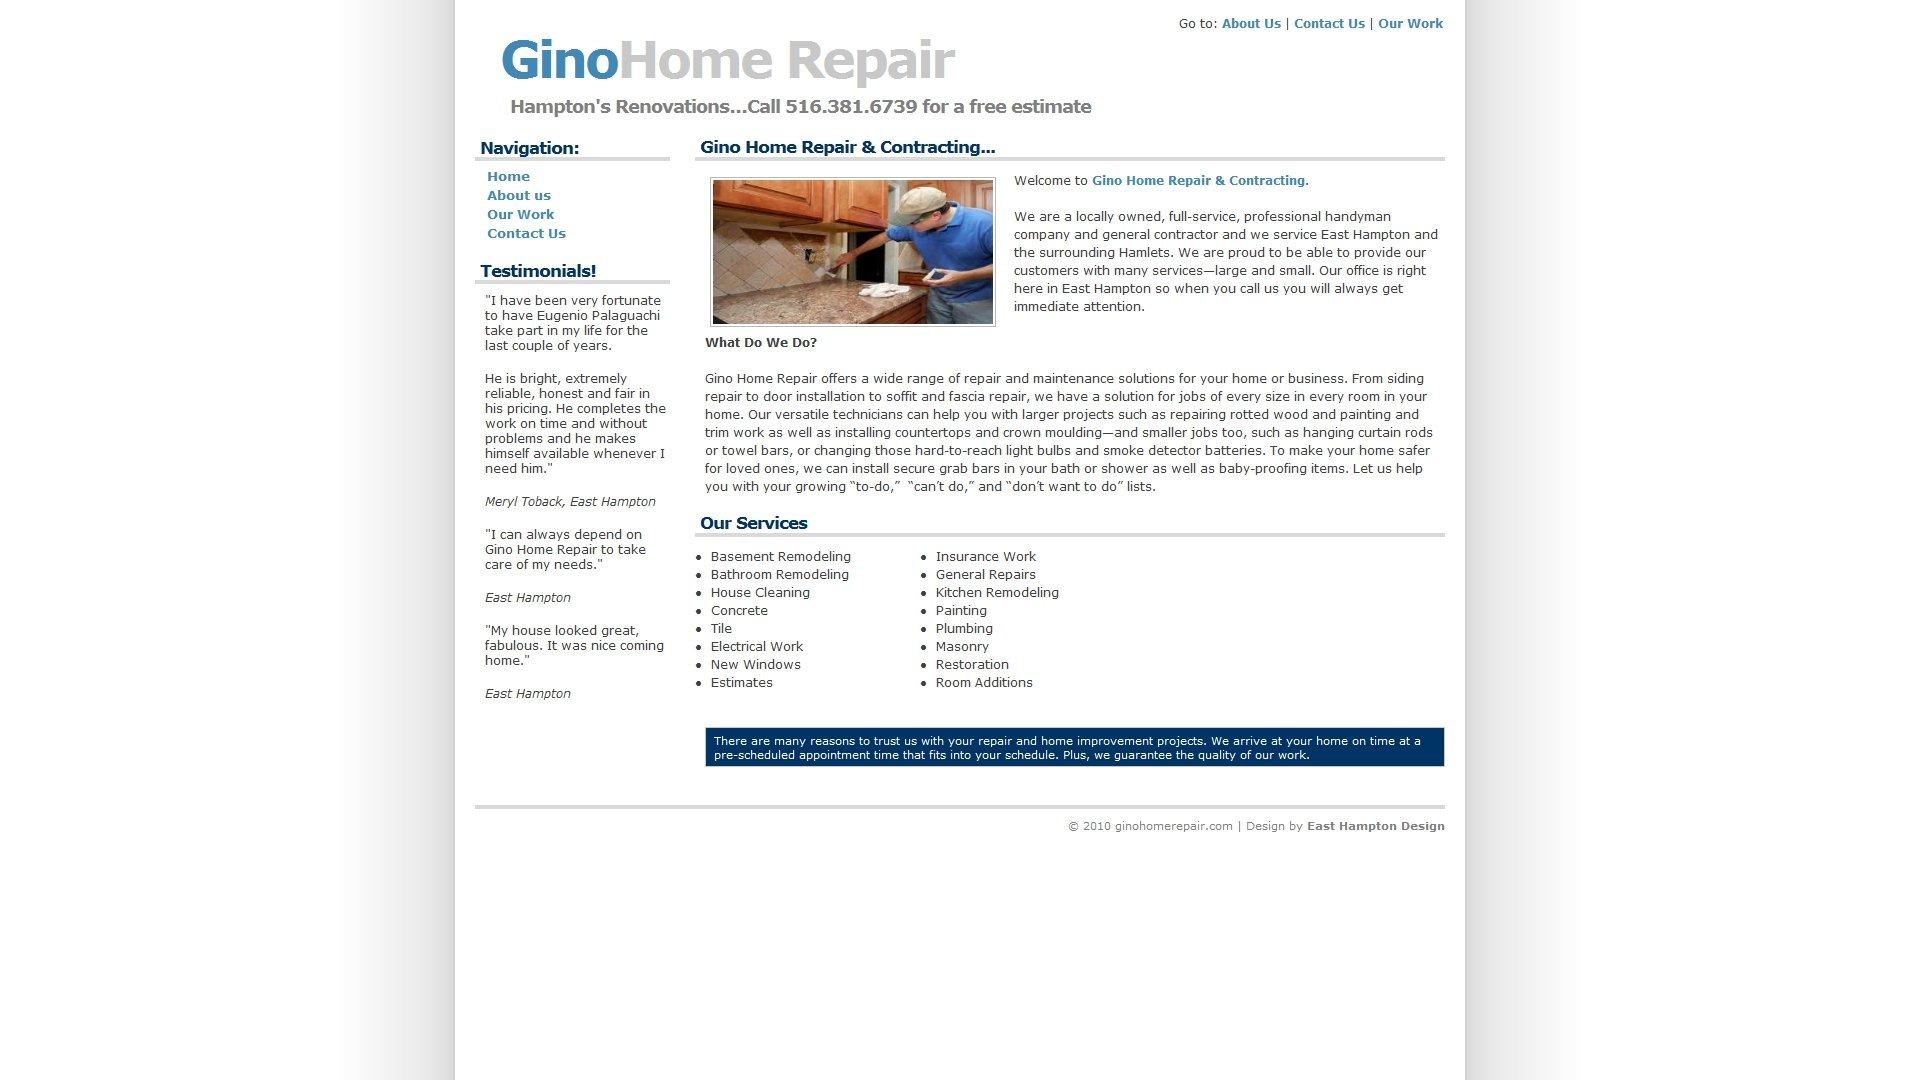 ginohomerepair.com_